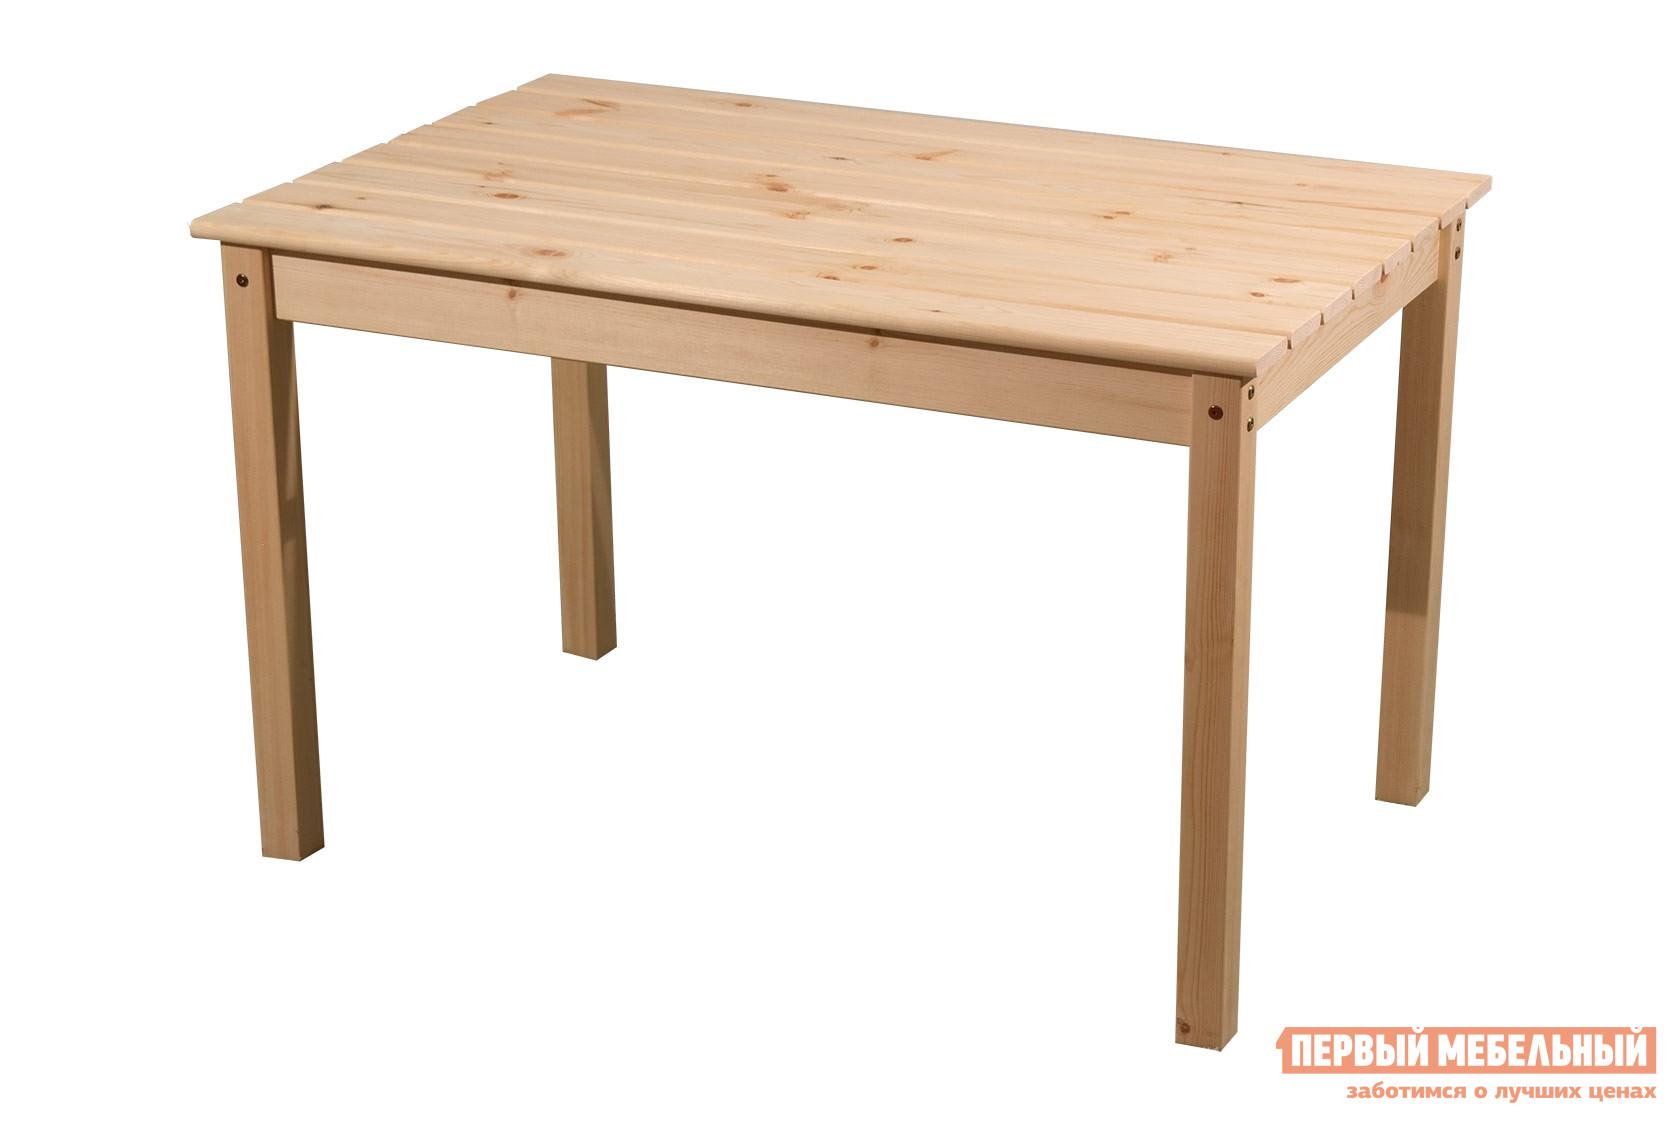 Обеденный стол из массива сосны Timberica Стол дачный №2